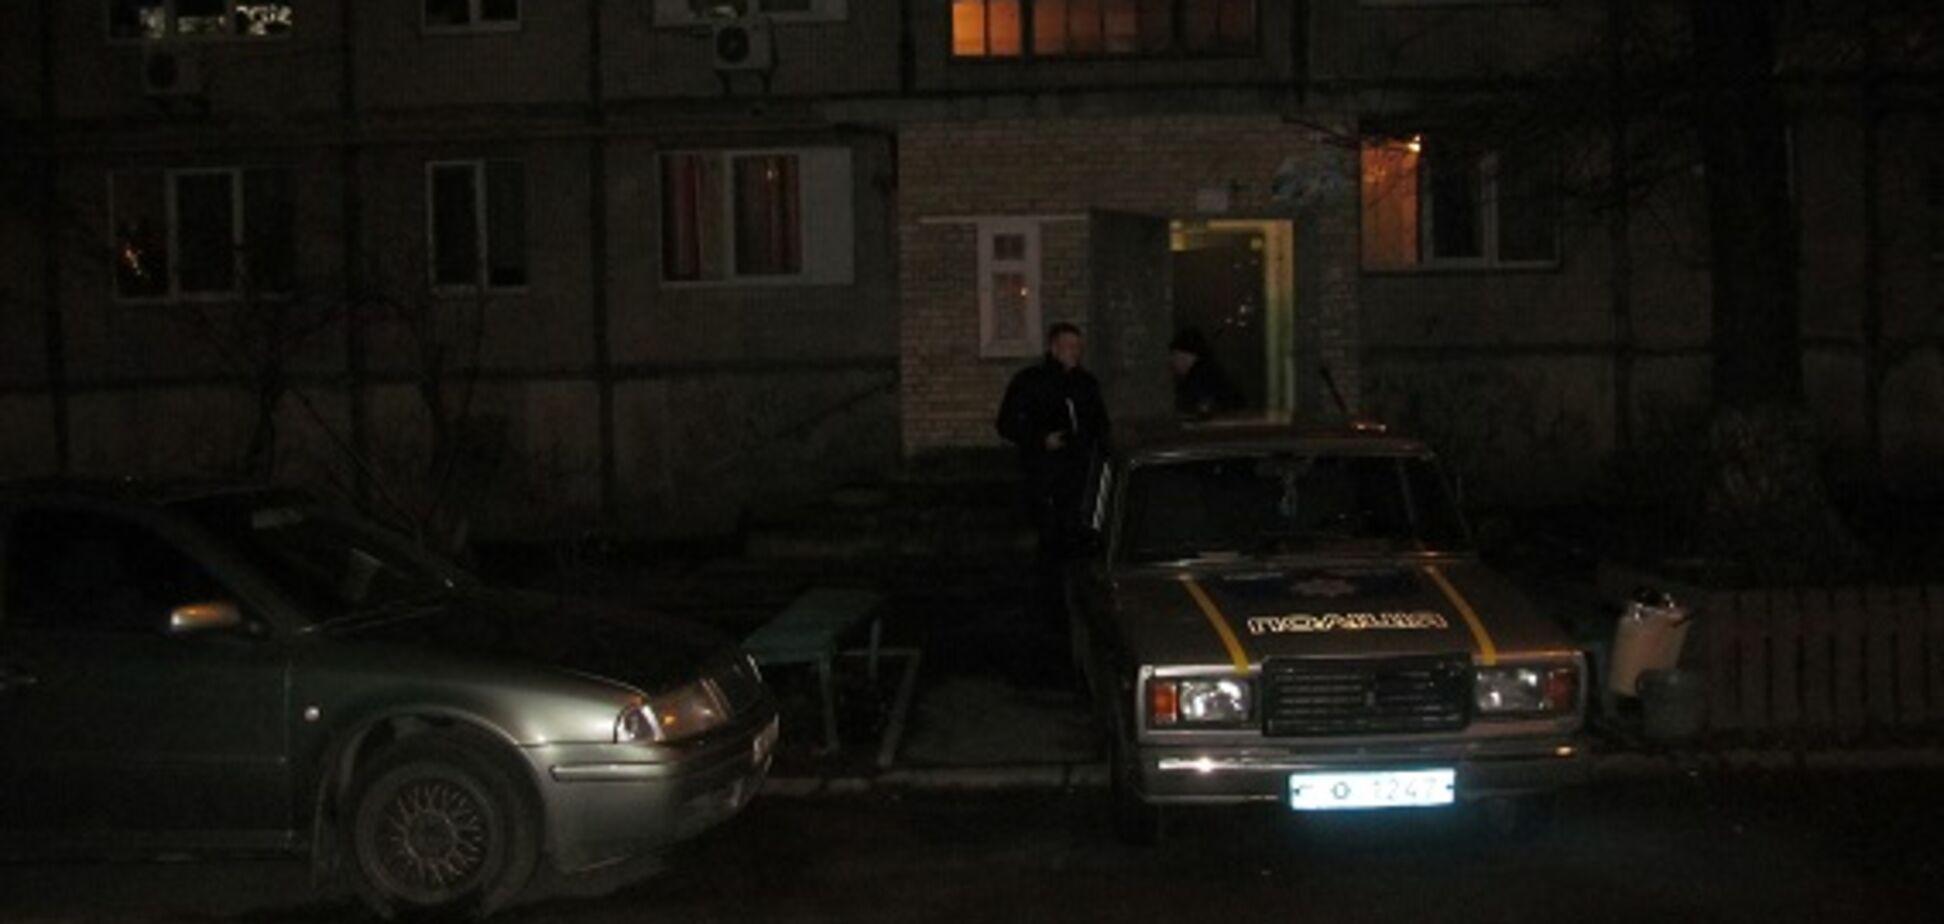 Отпустили под домашний арест: мужчина устроил два резонансных убийства в Киеве